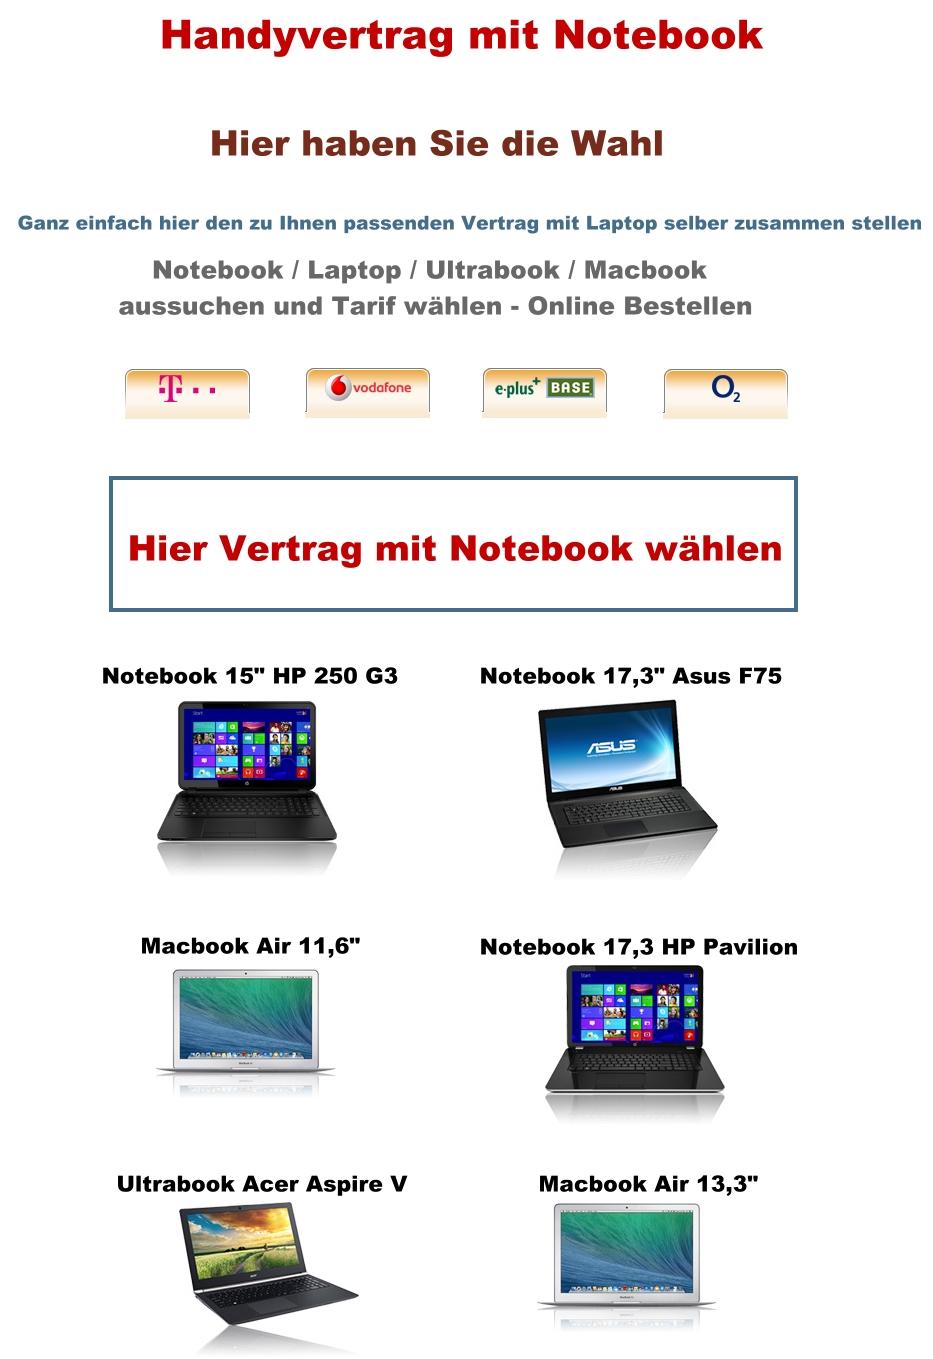 handyvertrag notebook laptop ultrabook macbook air hp pavilion asus handy bundle ebay. Black Bedroom Furniture Sets. Home Design Ideas